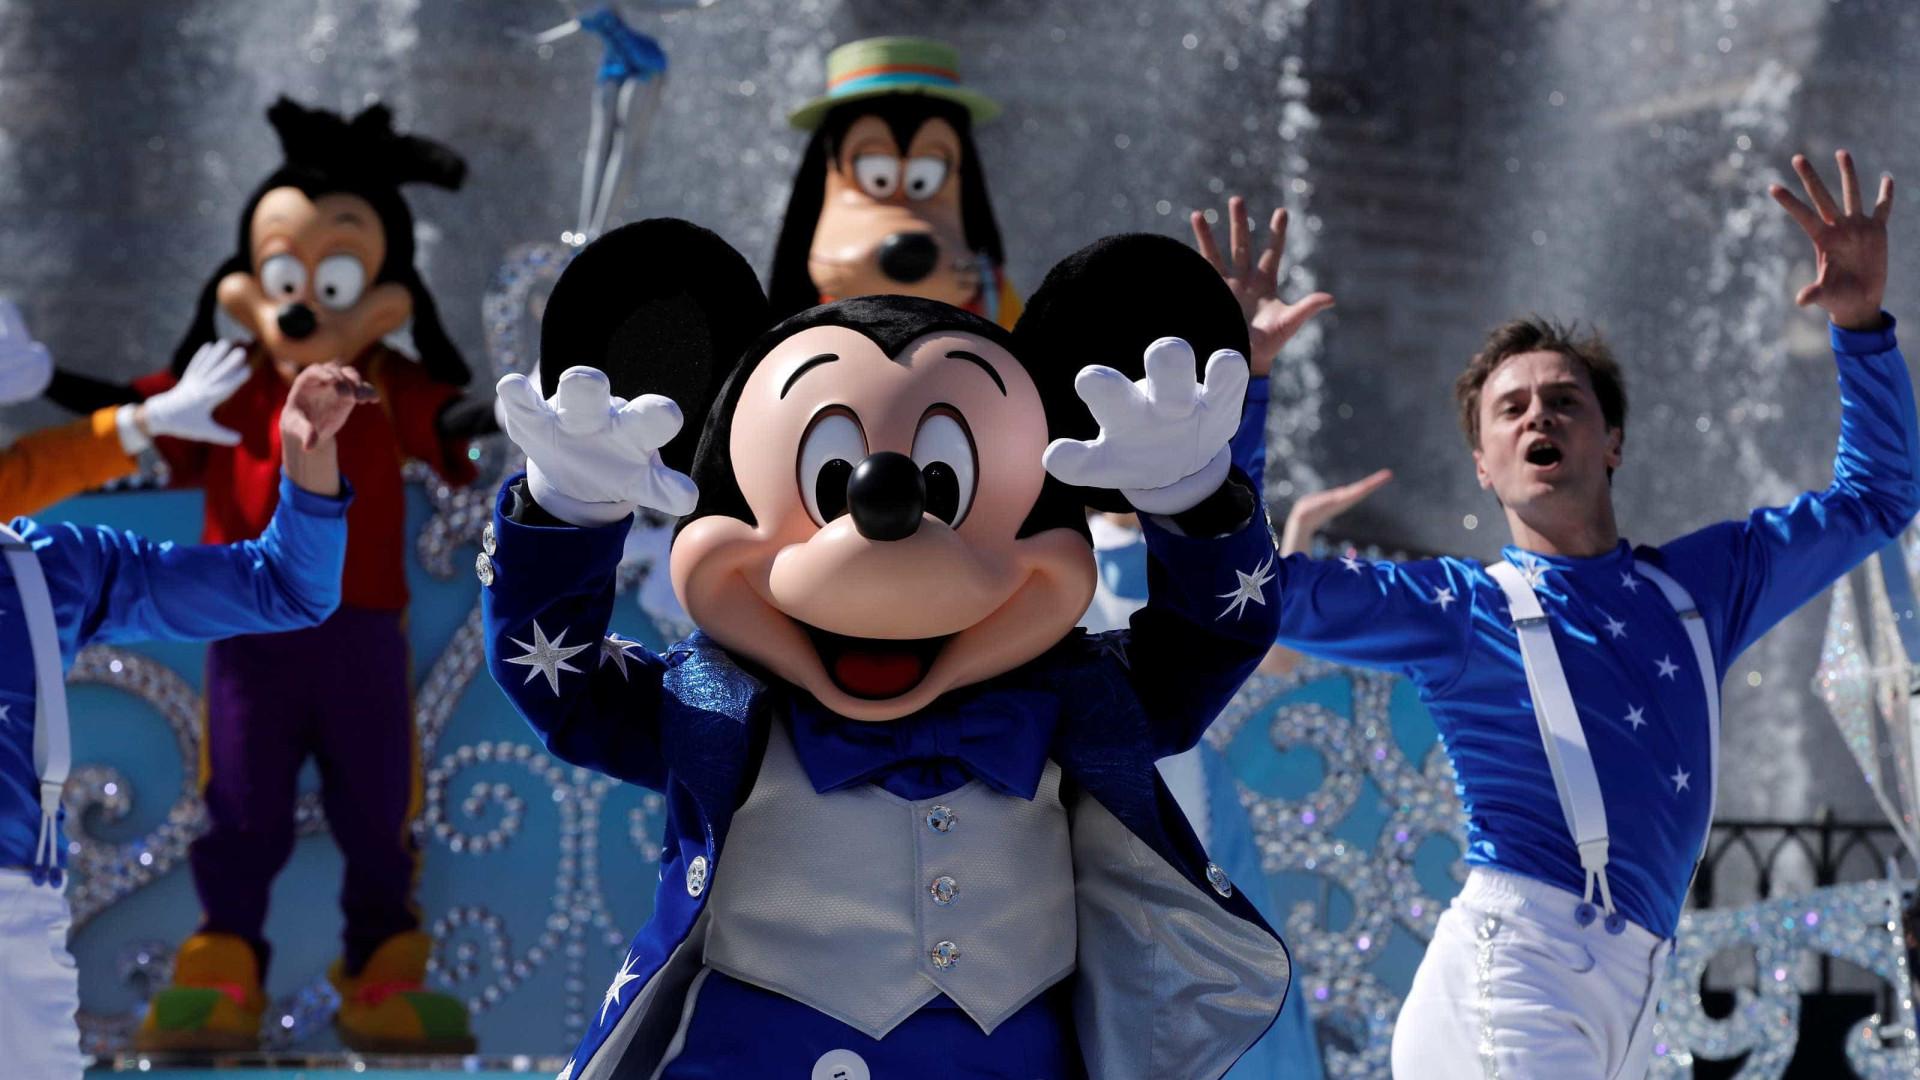 Disney acusada de reunir dados de crianças através de aplicações